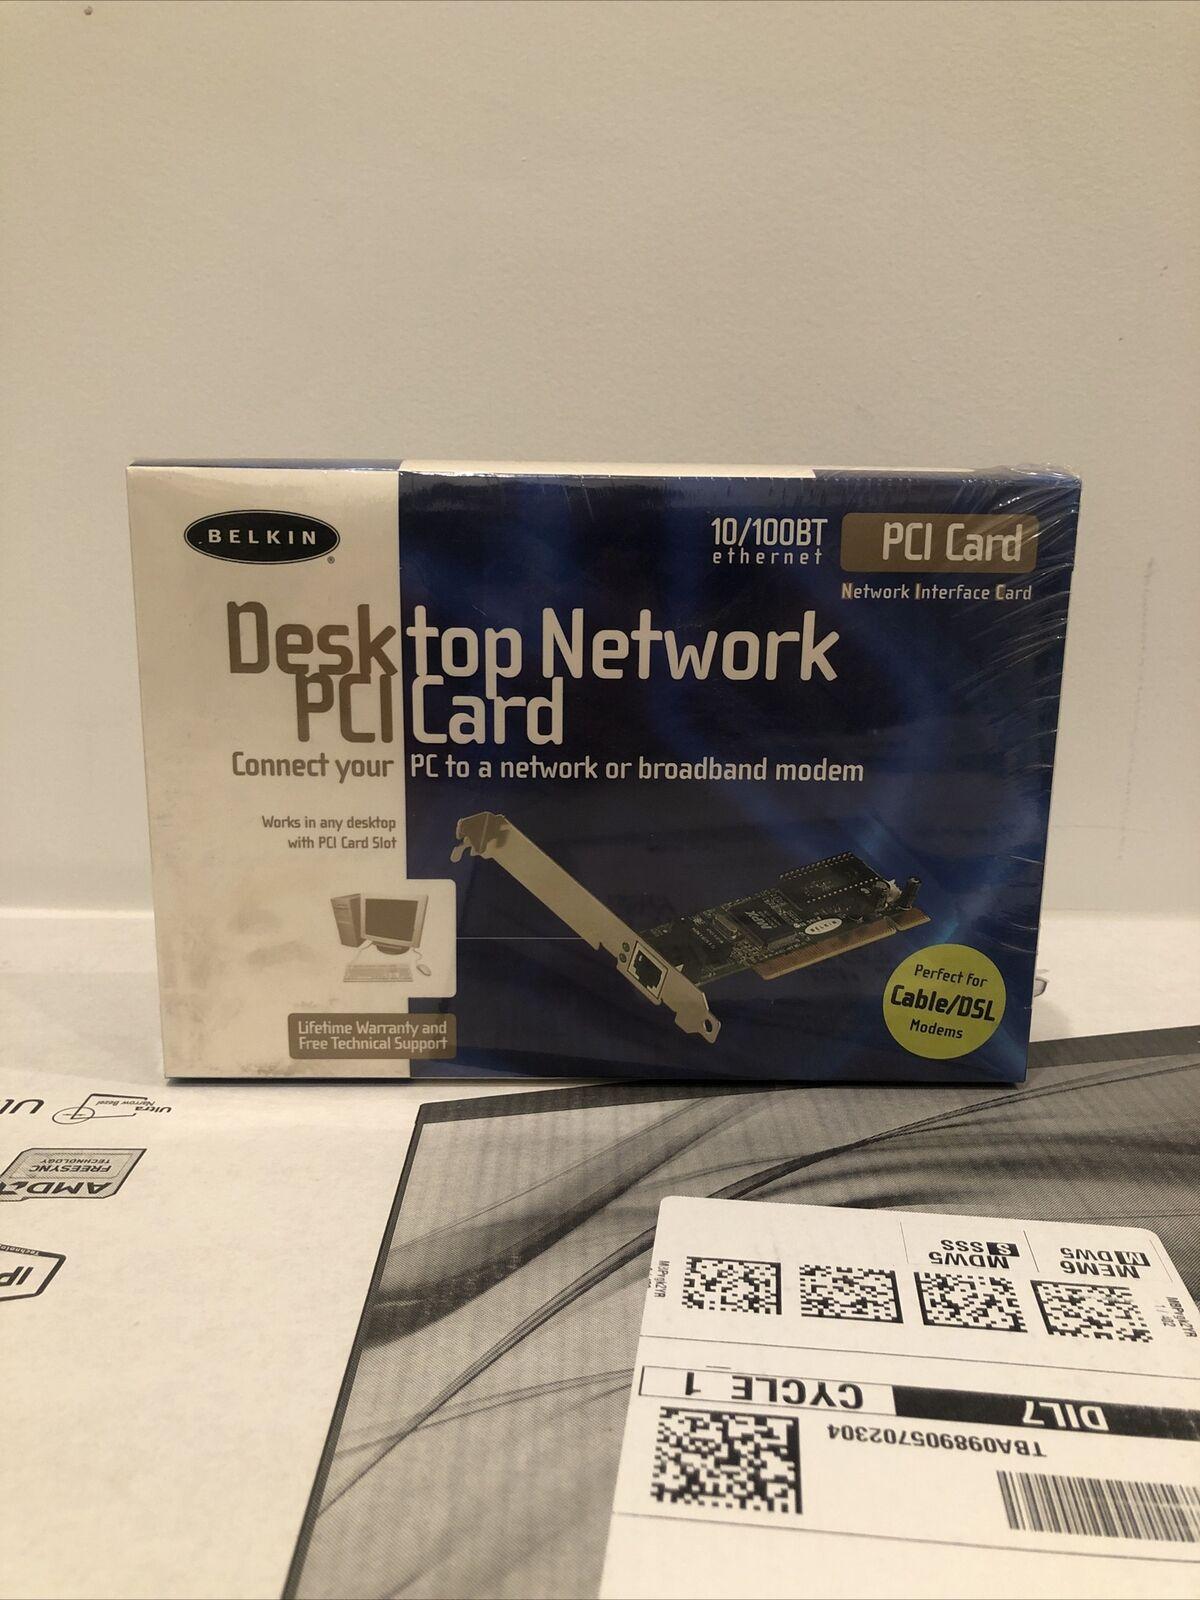 Belkin Desktop Network PCI Card